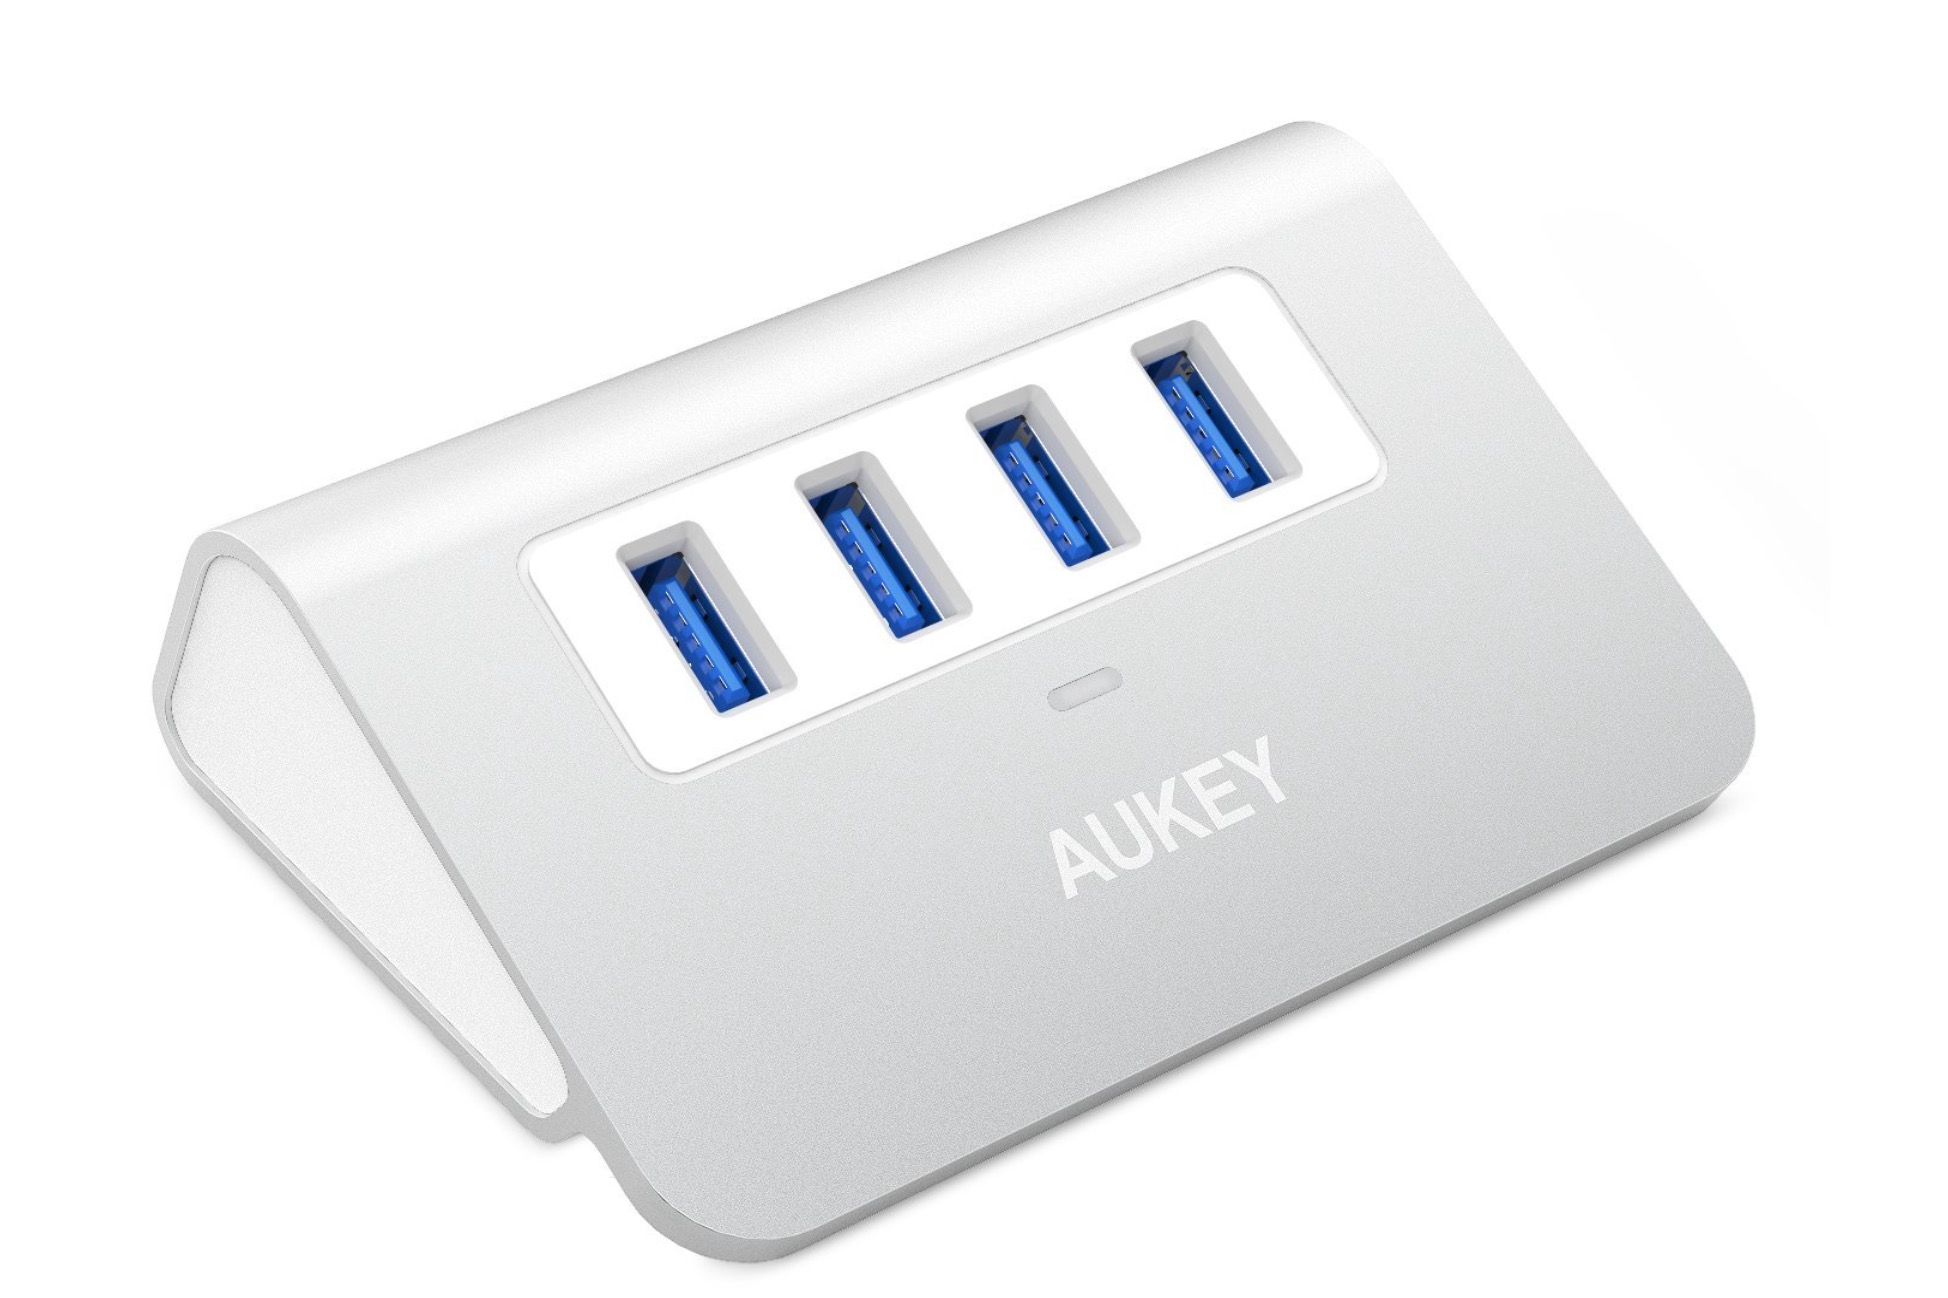 AUKEY Hub USB 3.0 a 4 porte